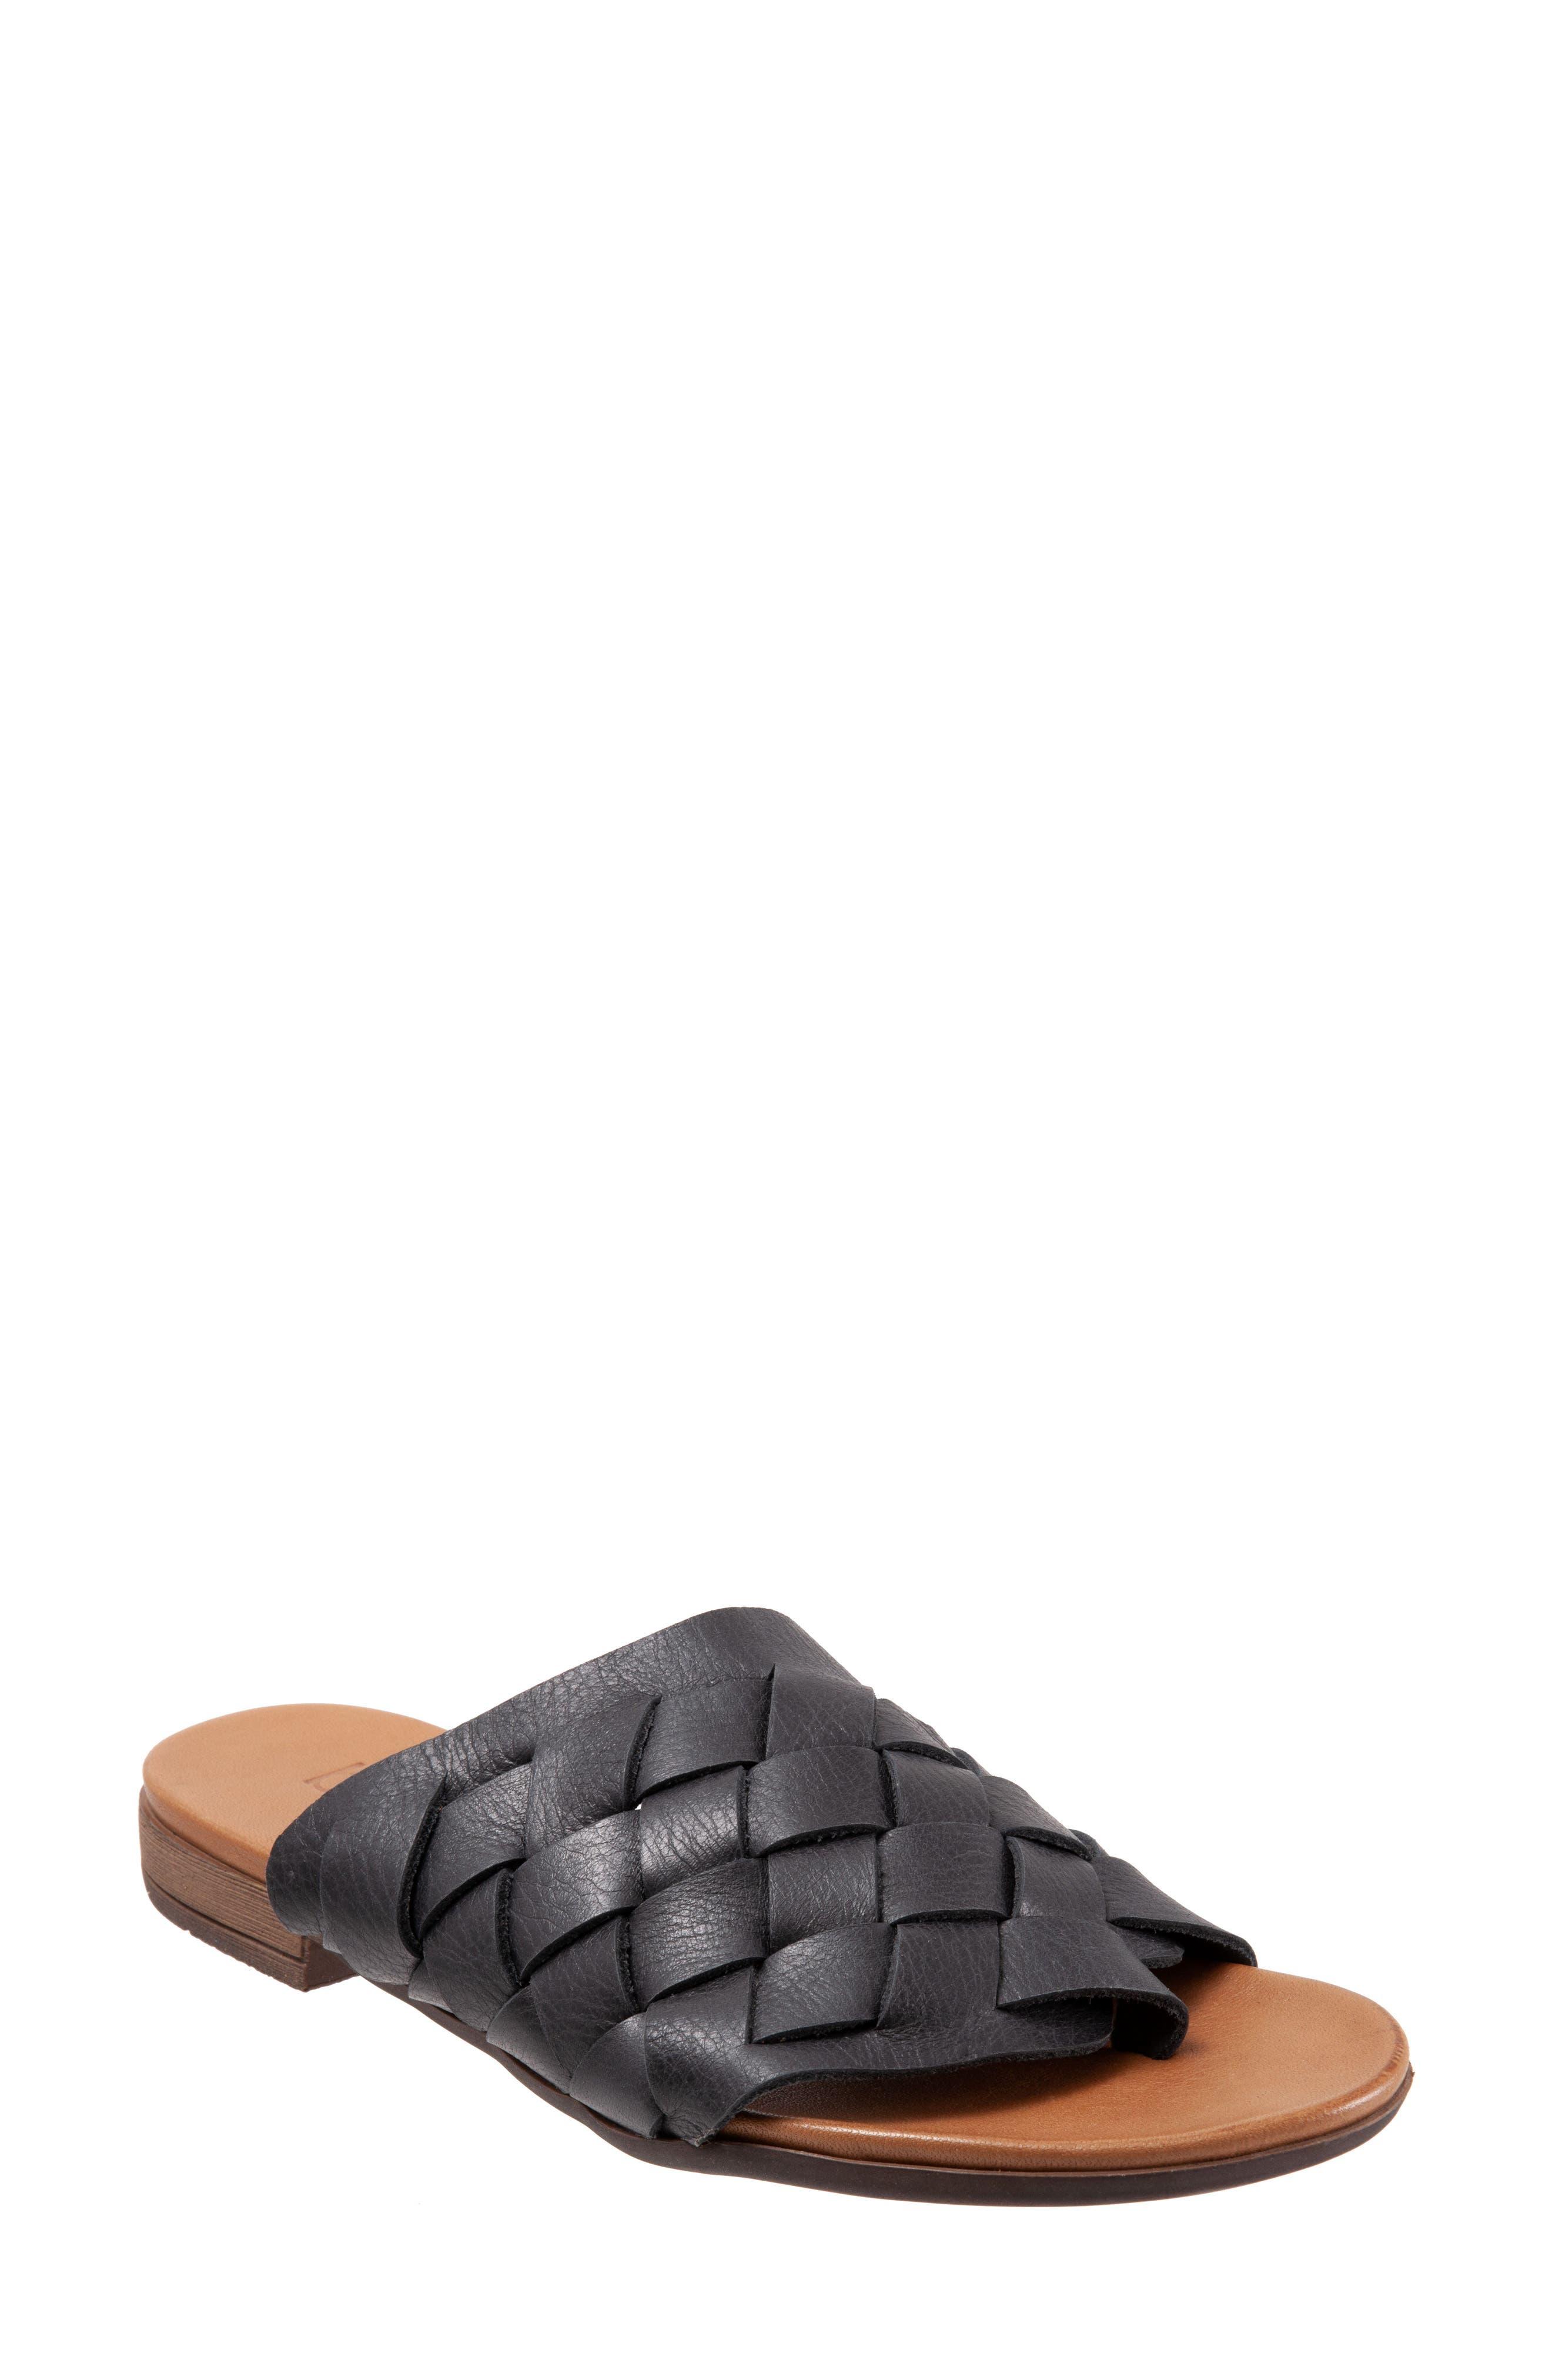 Tory Woven Slide Sandal